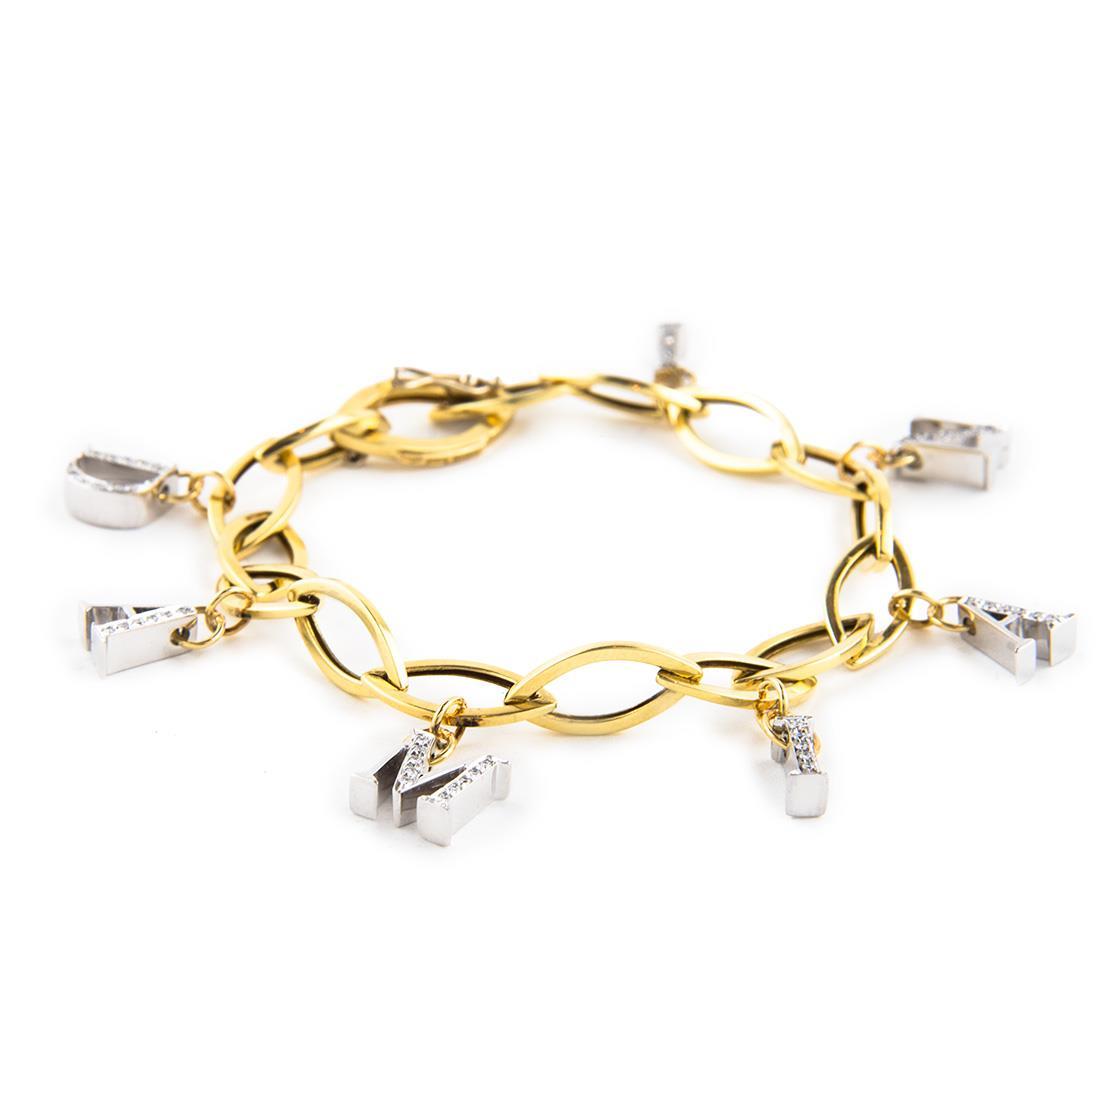 Bracciale in oro giallo e bianco con diamanti ct 0.24 - DAMIANI